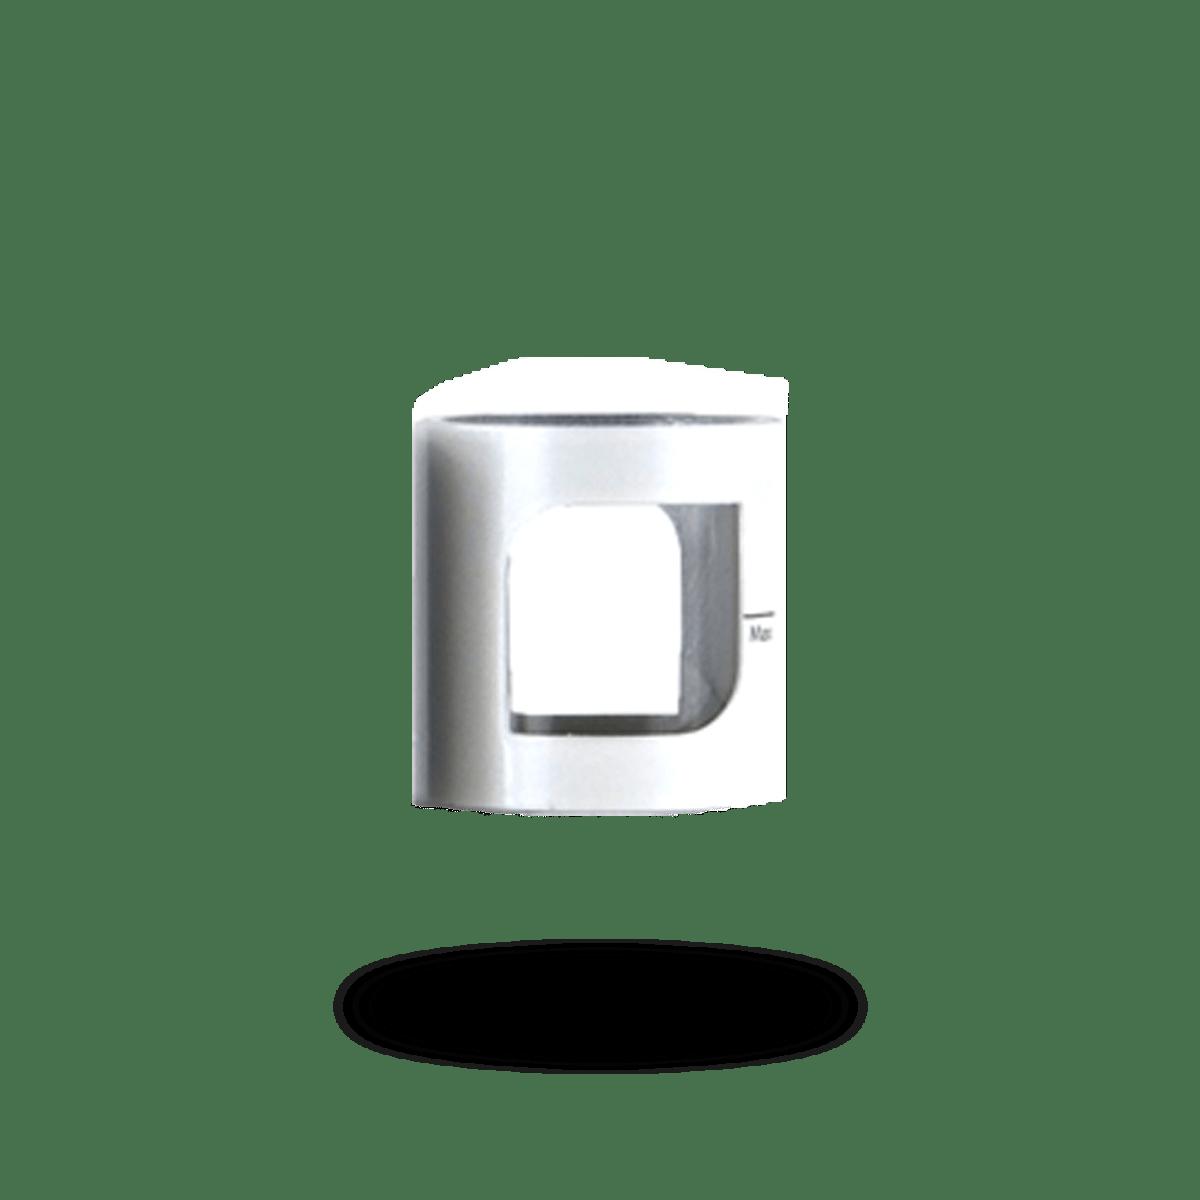 Aspire PockeX AIO Pyrex Tube White